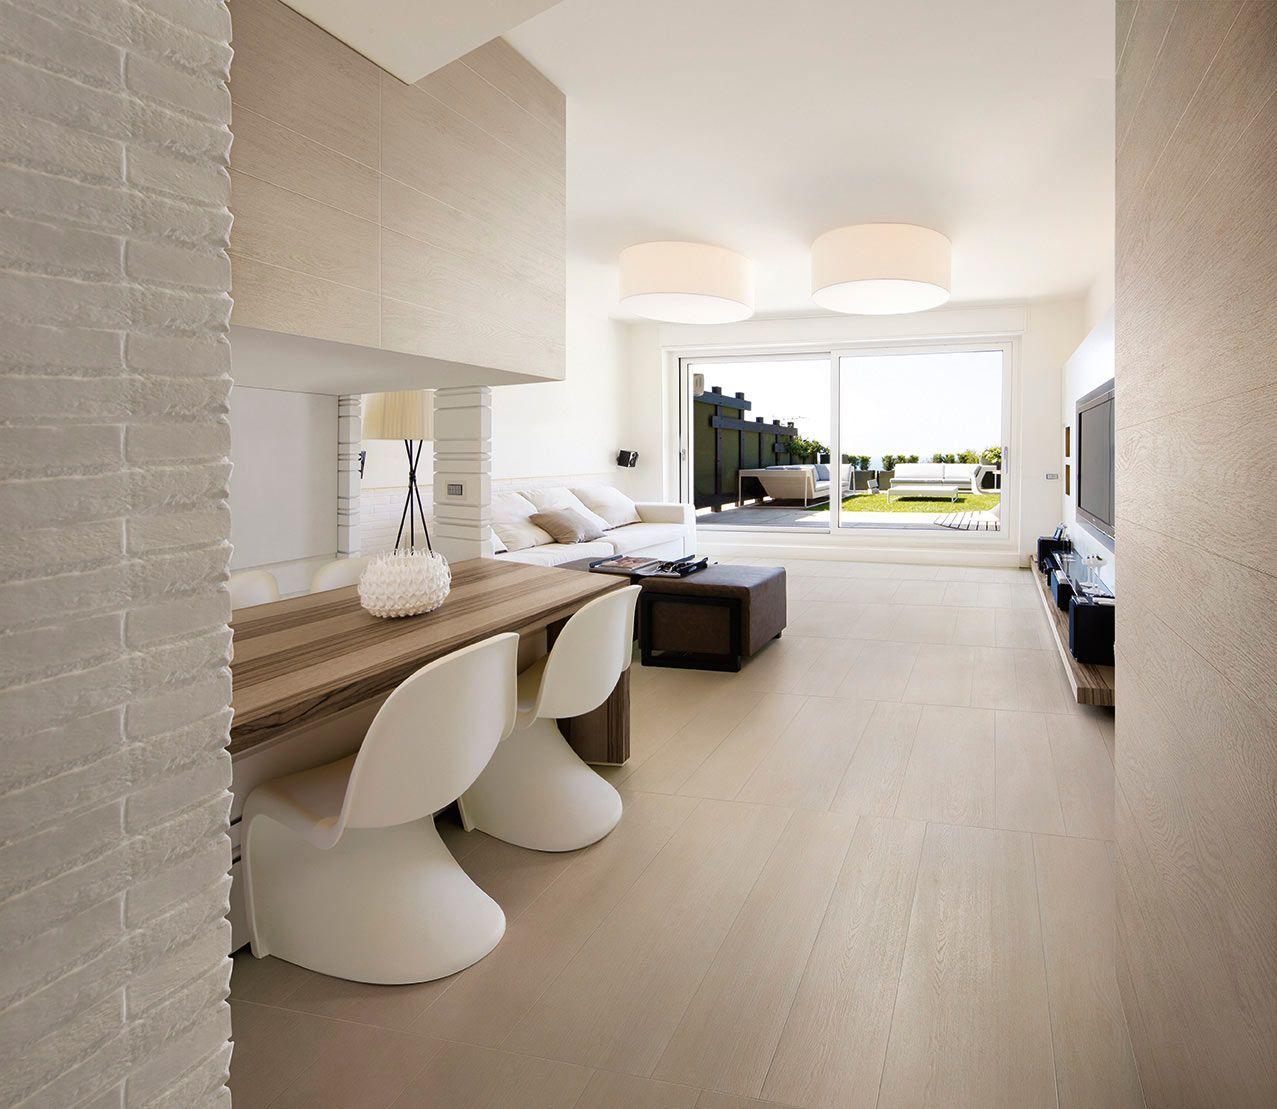 Rivestimenti piastrelle e pavimenti caesar linea life piastrelle gres porcellanato effetto - Piastrelle gres effetto legno ...